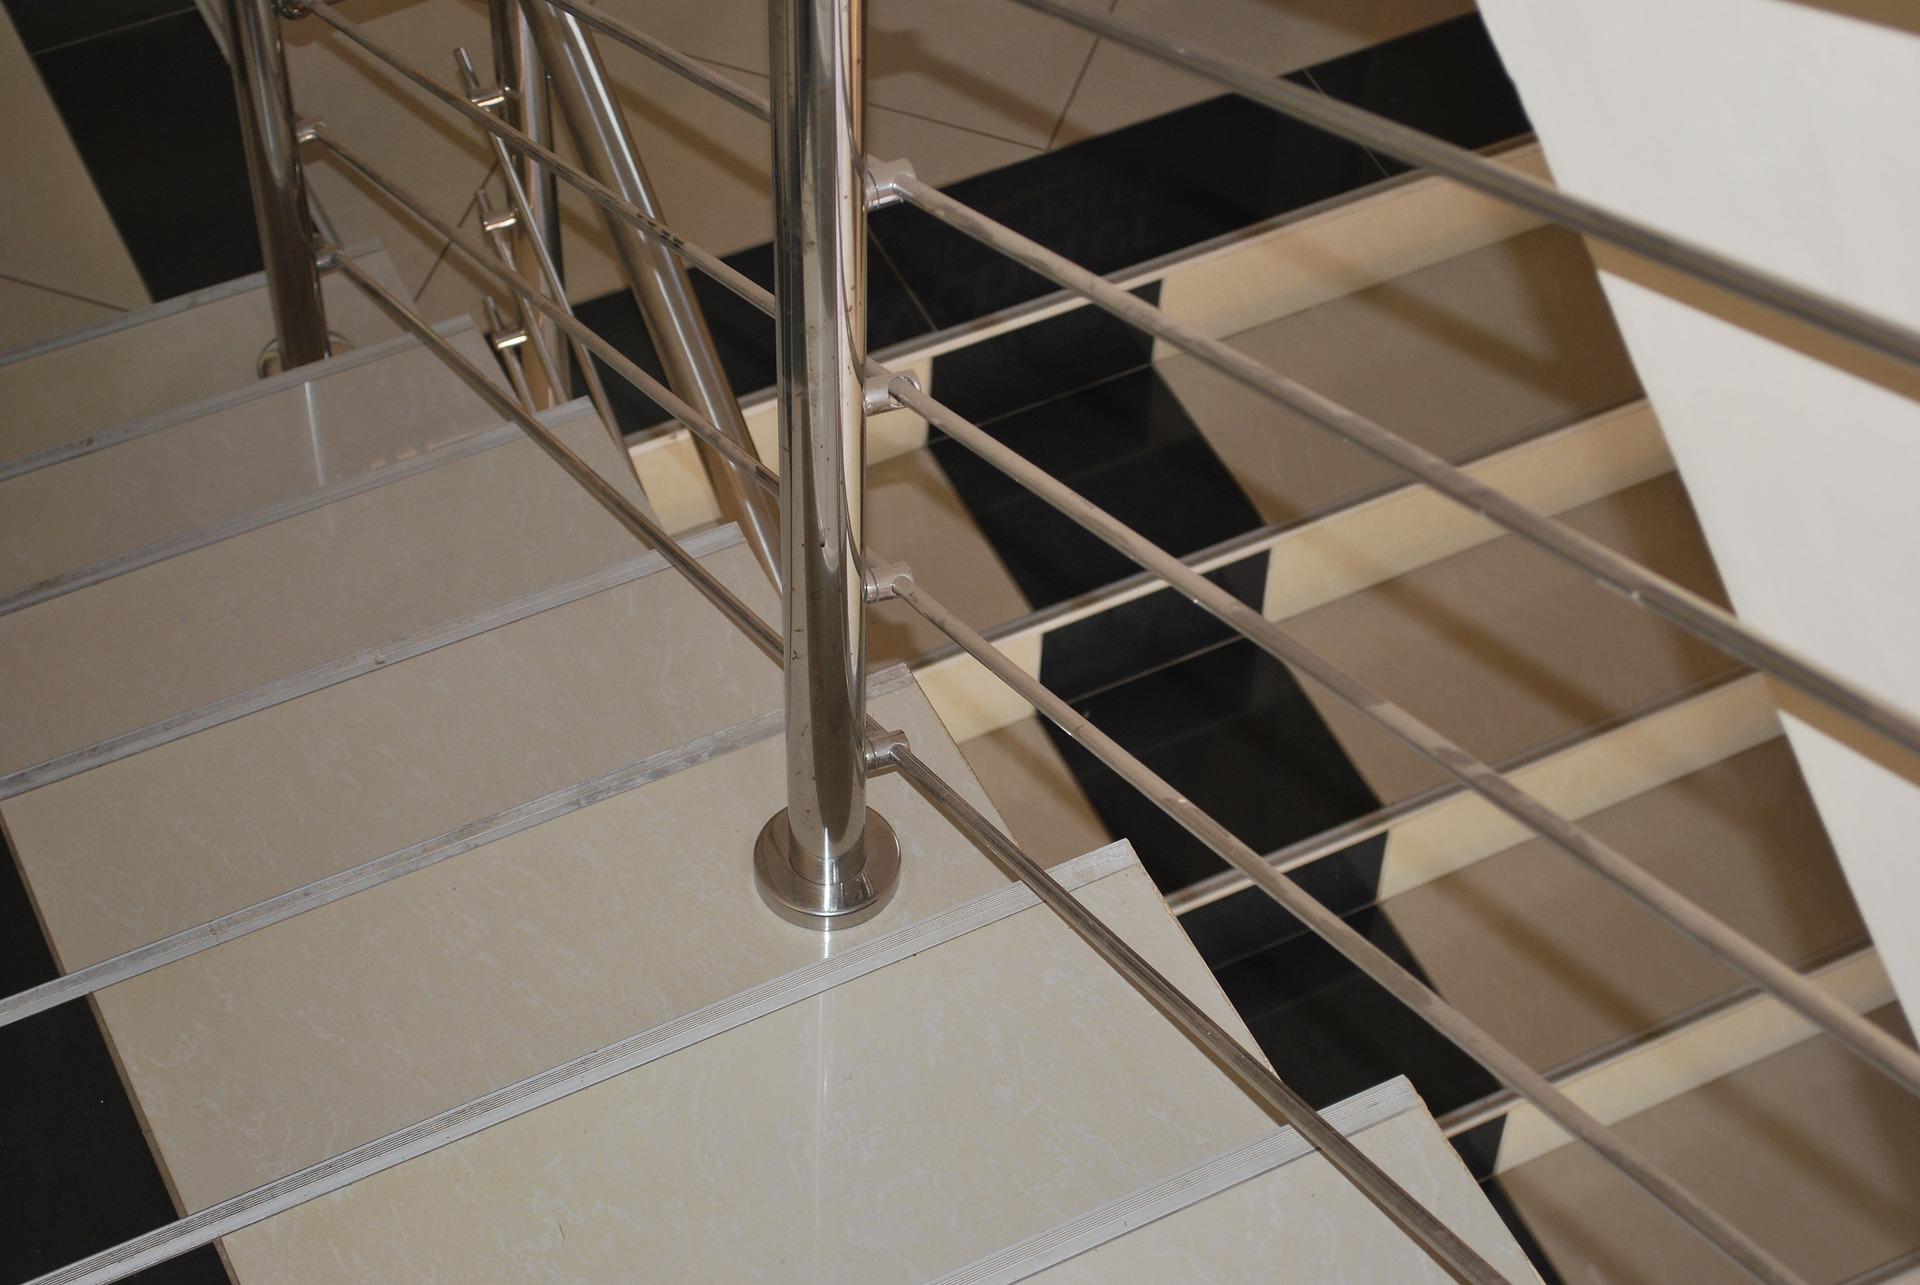 Accesorios y herrajes para instalar barandillas de acero inoxidable